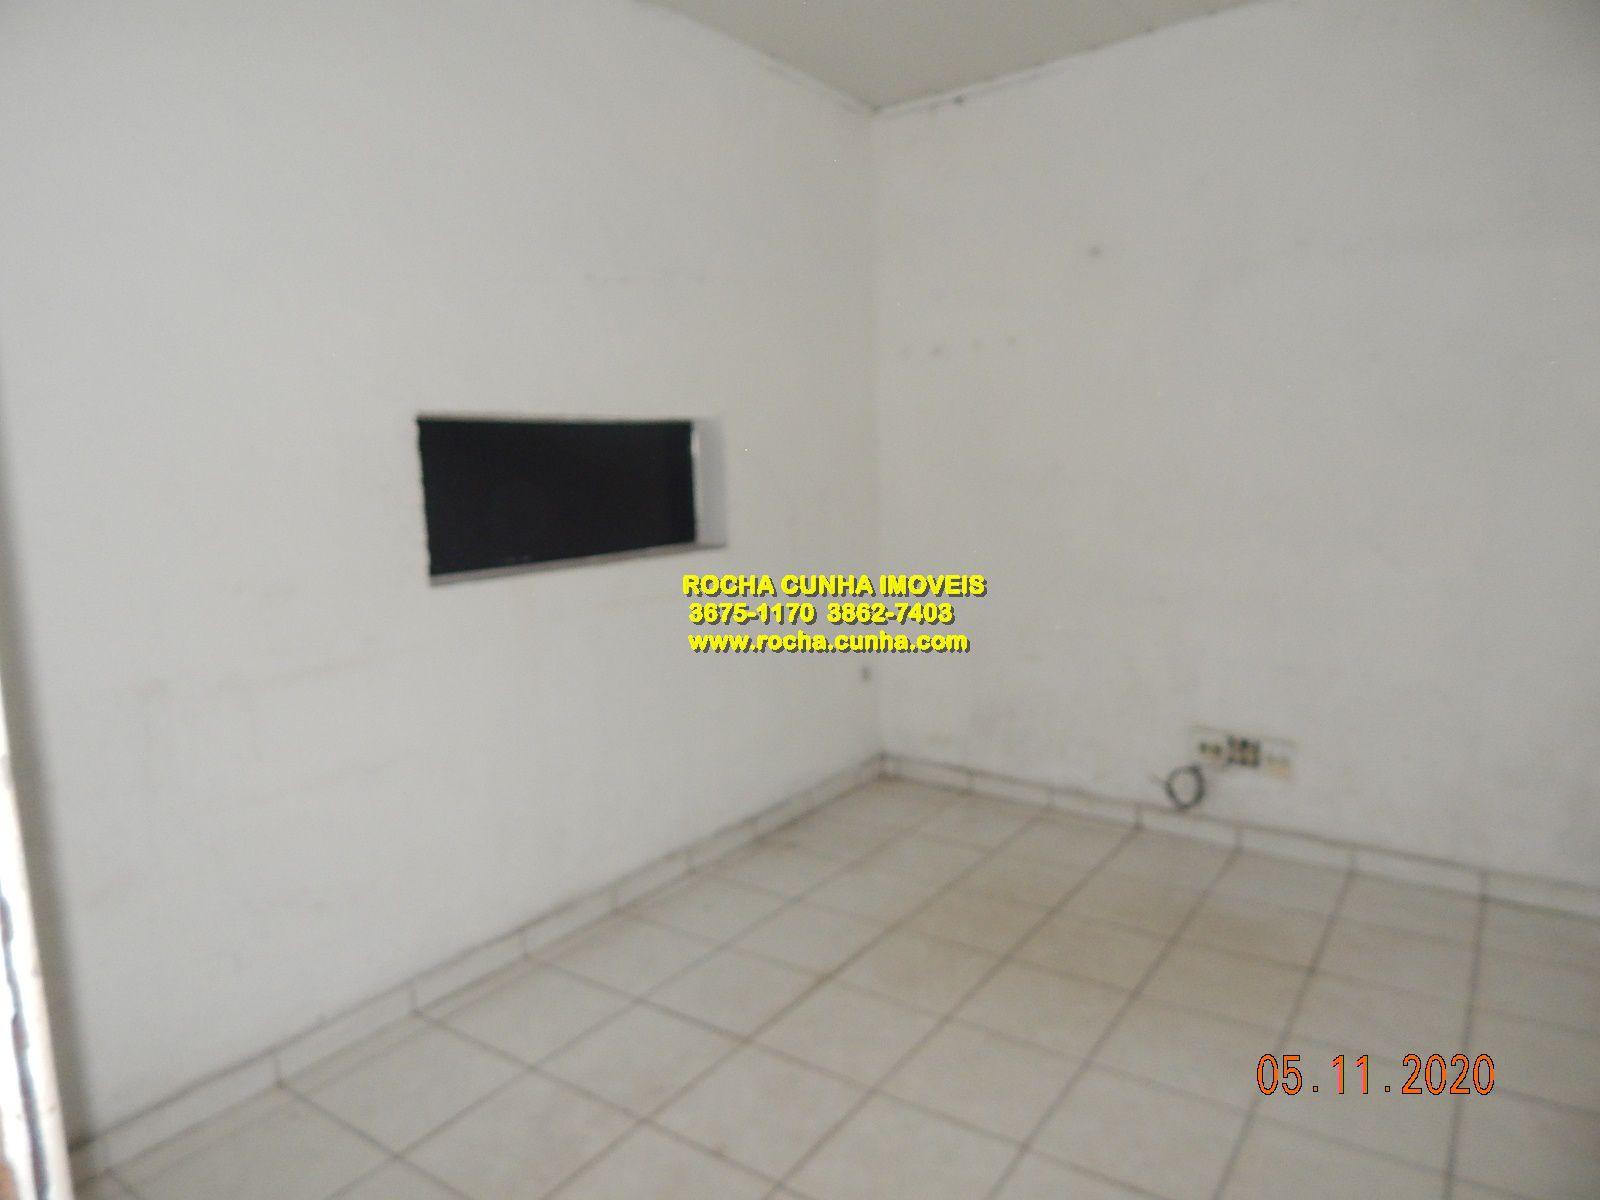 Galpão 280m² para alugar São Paulo,SP - R$ 7.000 - LOCACAO8954 - 8